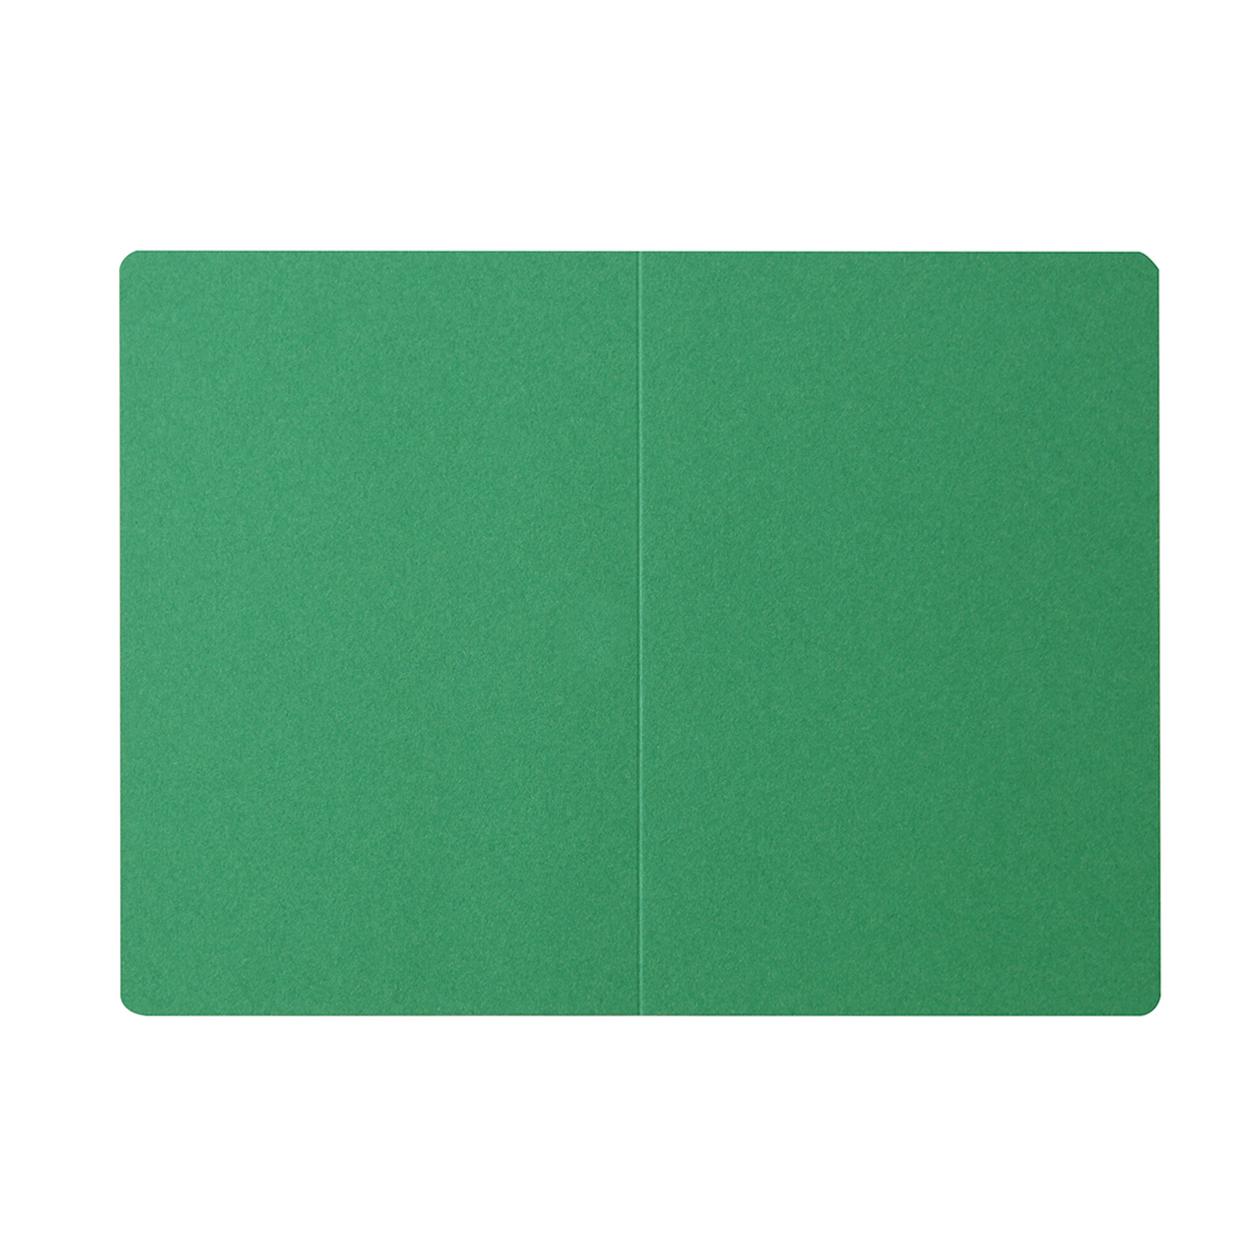 #53VカードR コットン(NTラシャ) 緑 151.2g